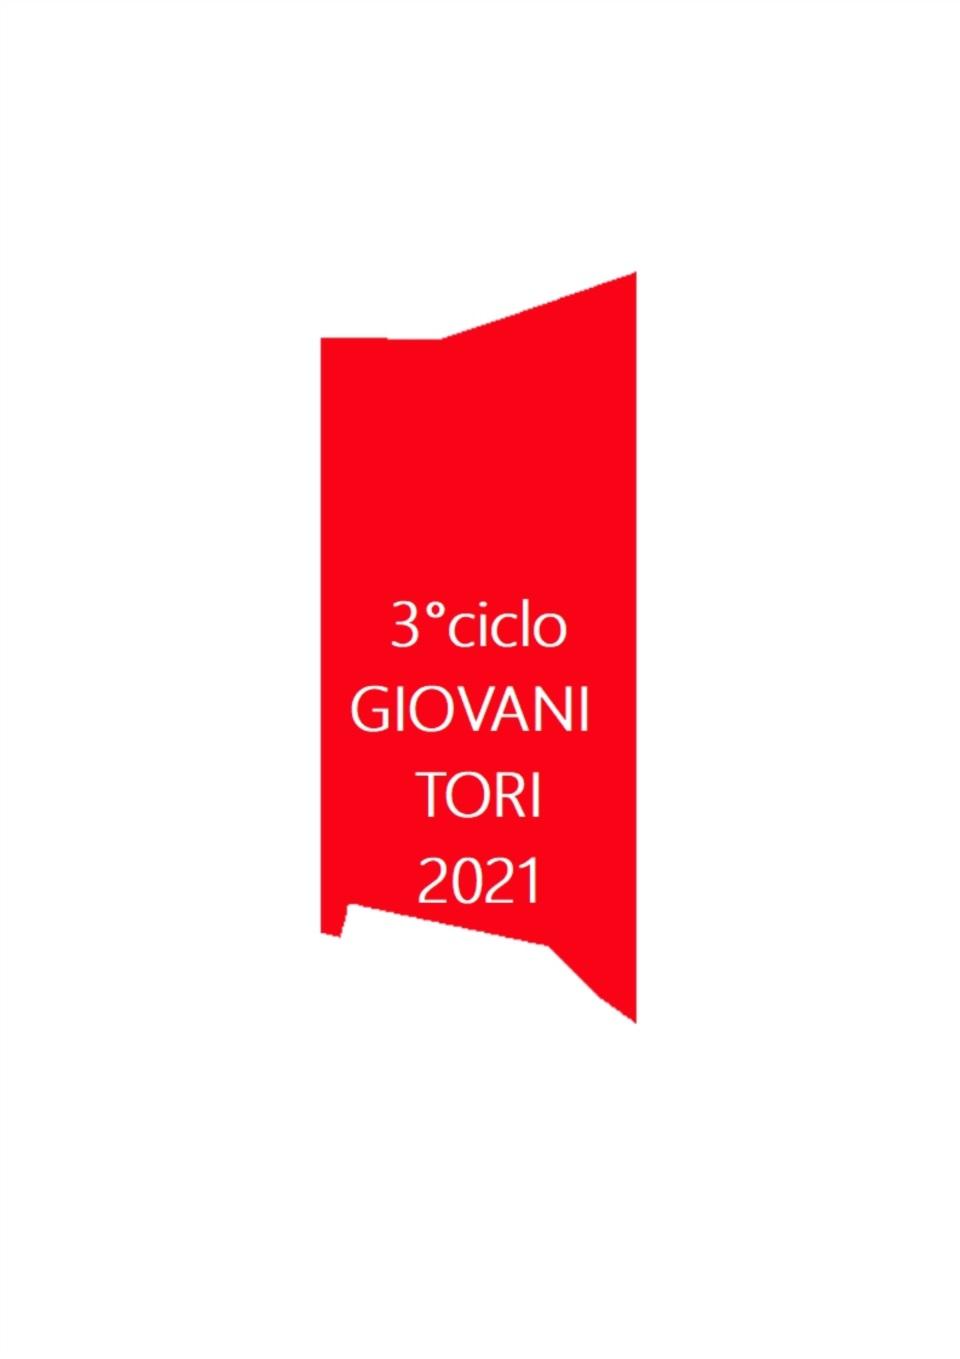 3°ciclo Giovani Tori PEZZATA ROSSA ITALIANA